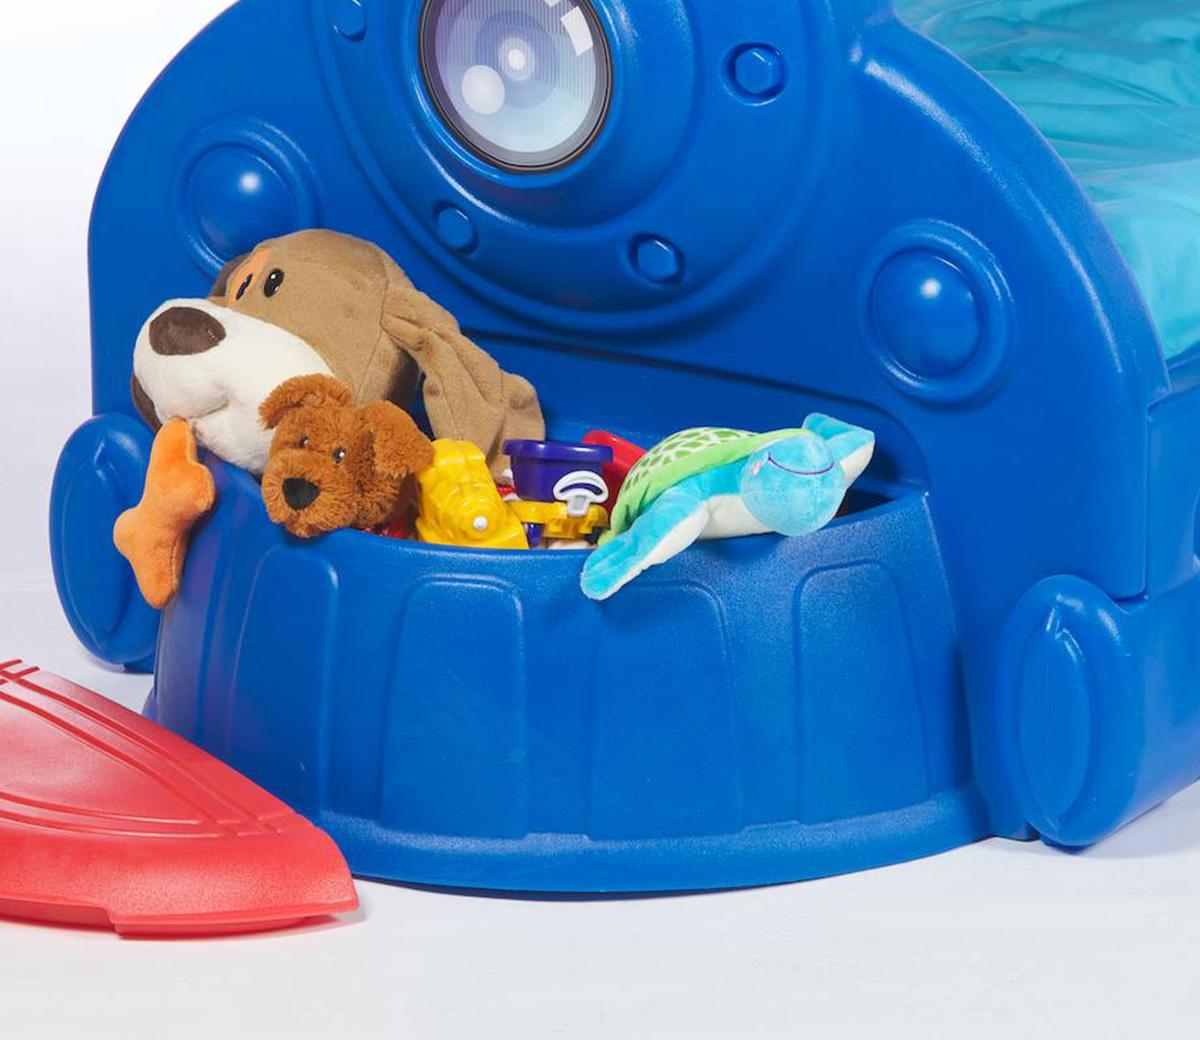 Sleepy Choo Choo Toddler Bed